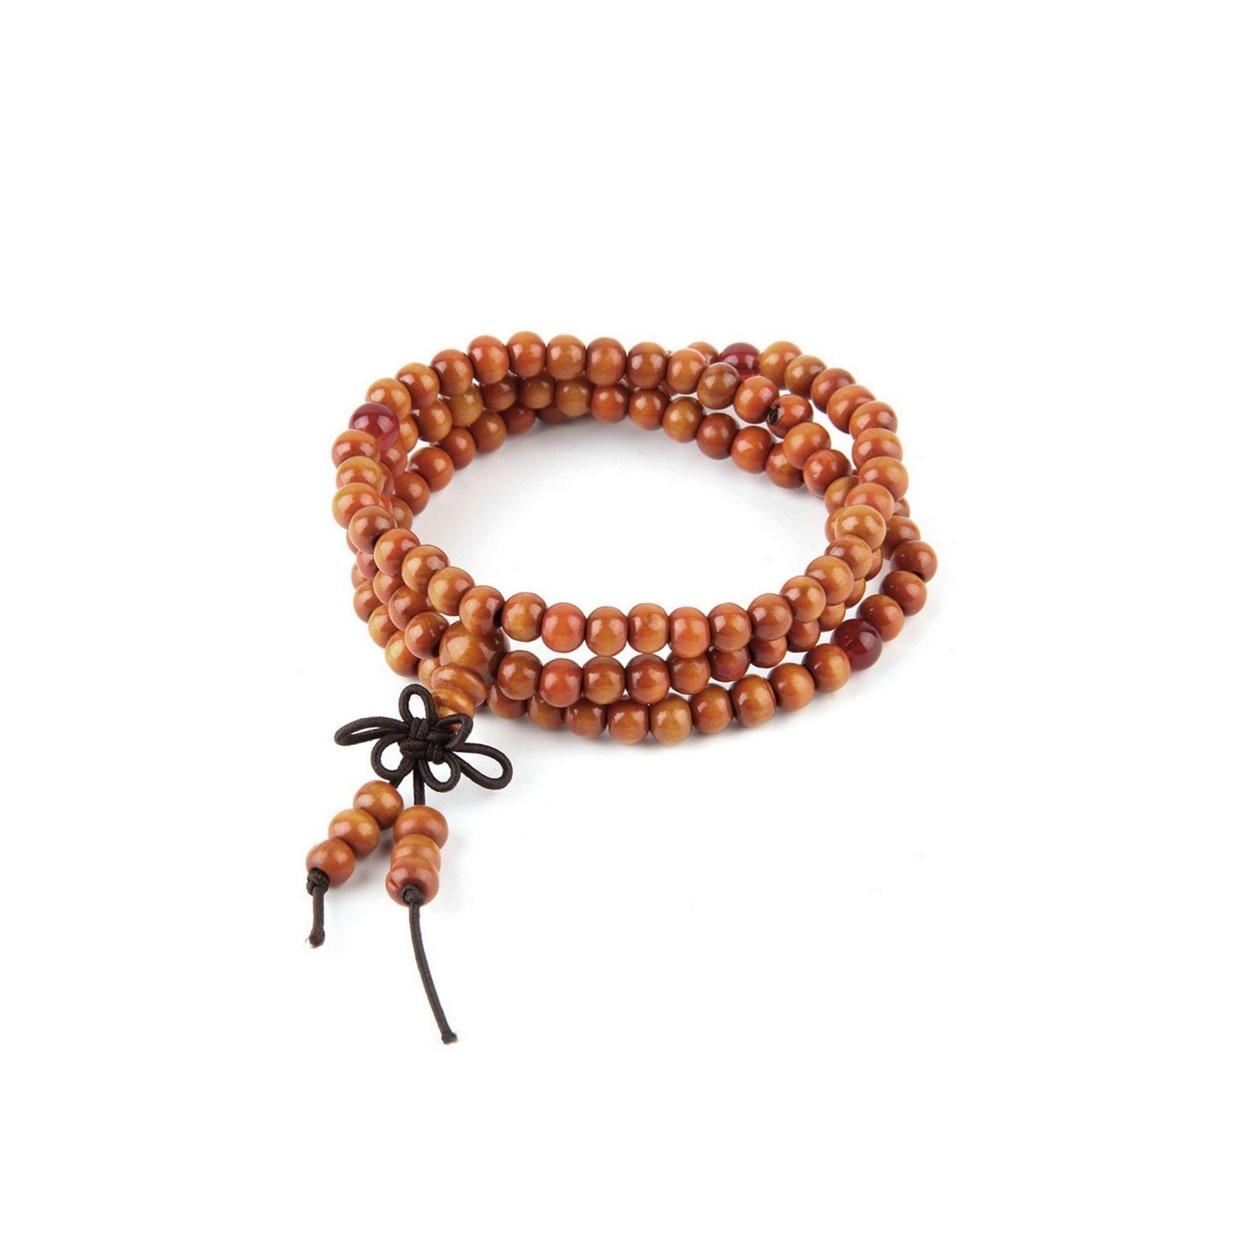 Oranžovo hnědý korálkový náramek matný